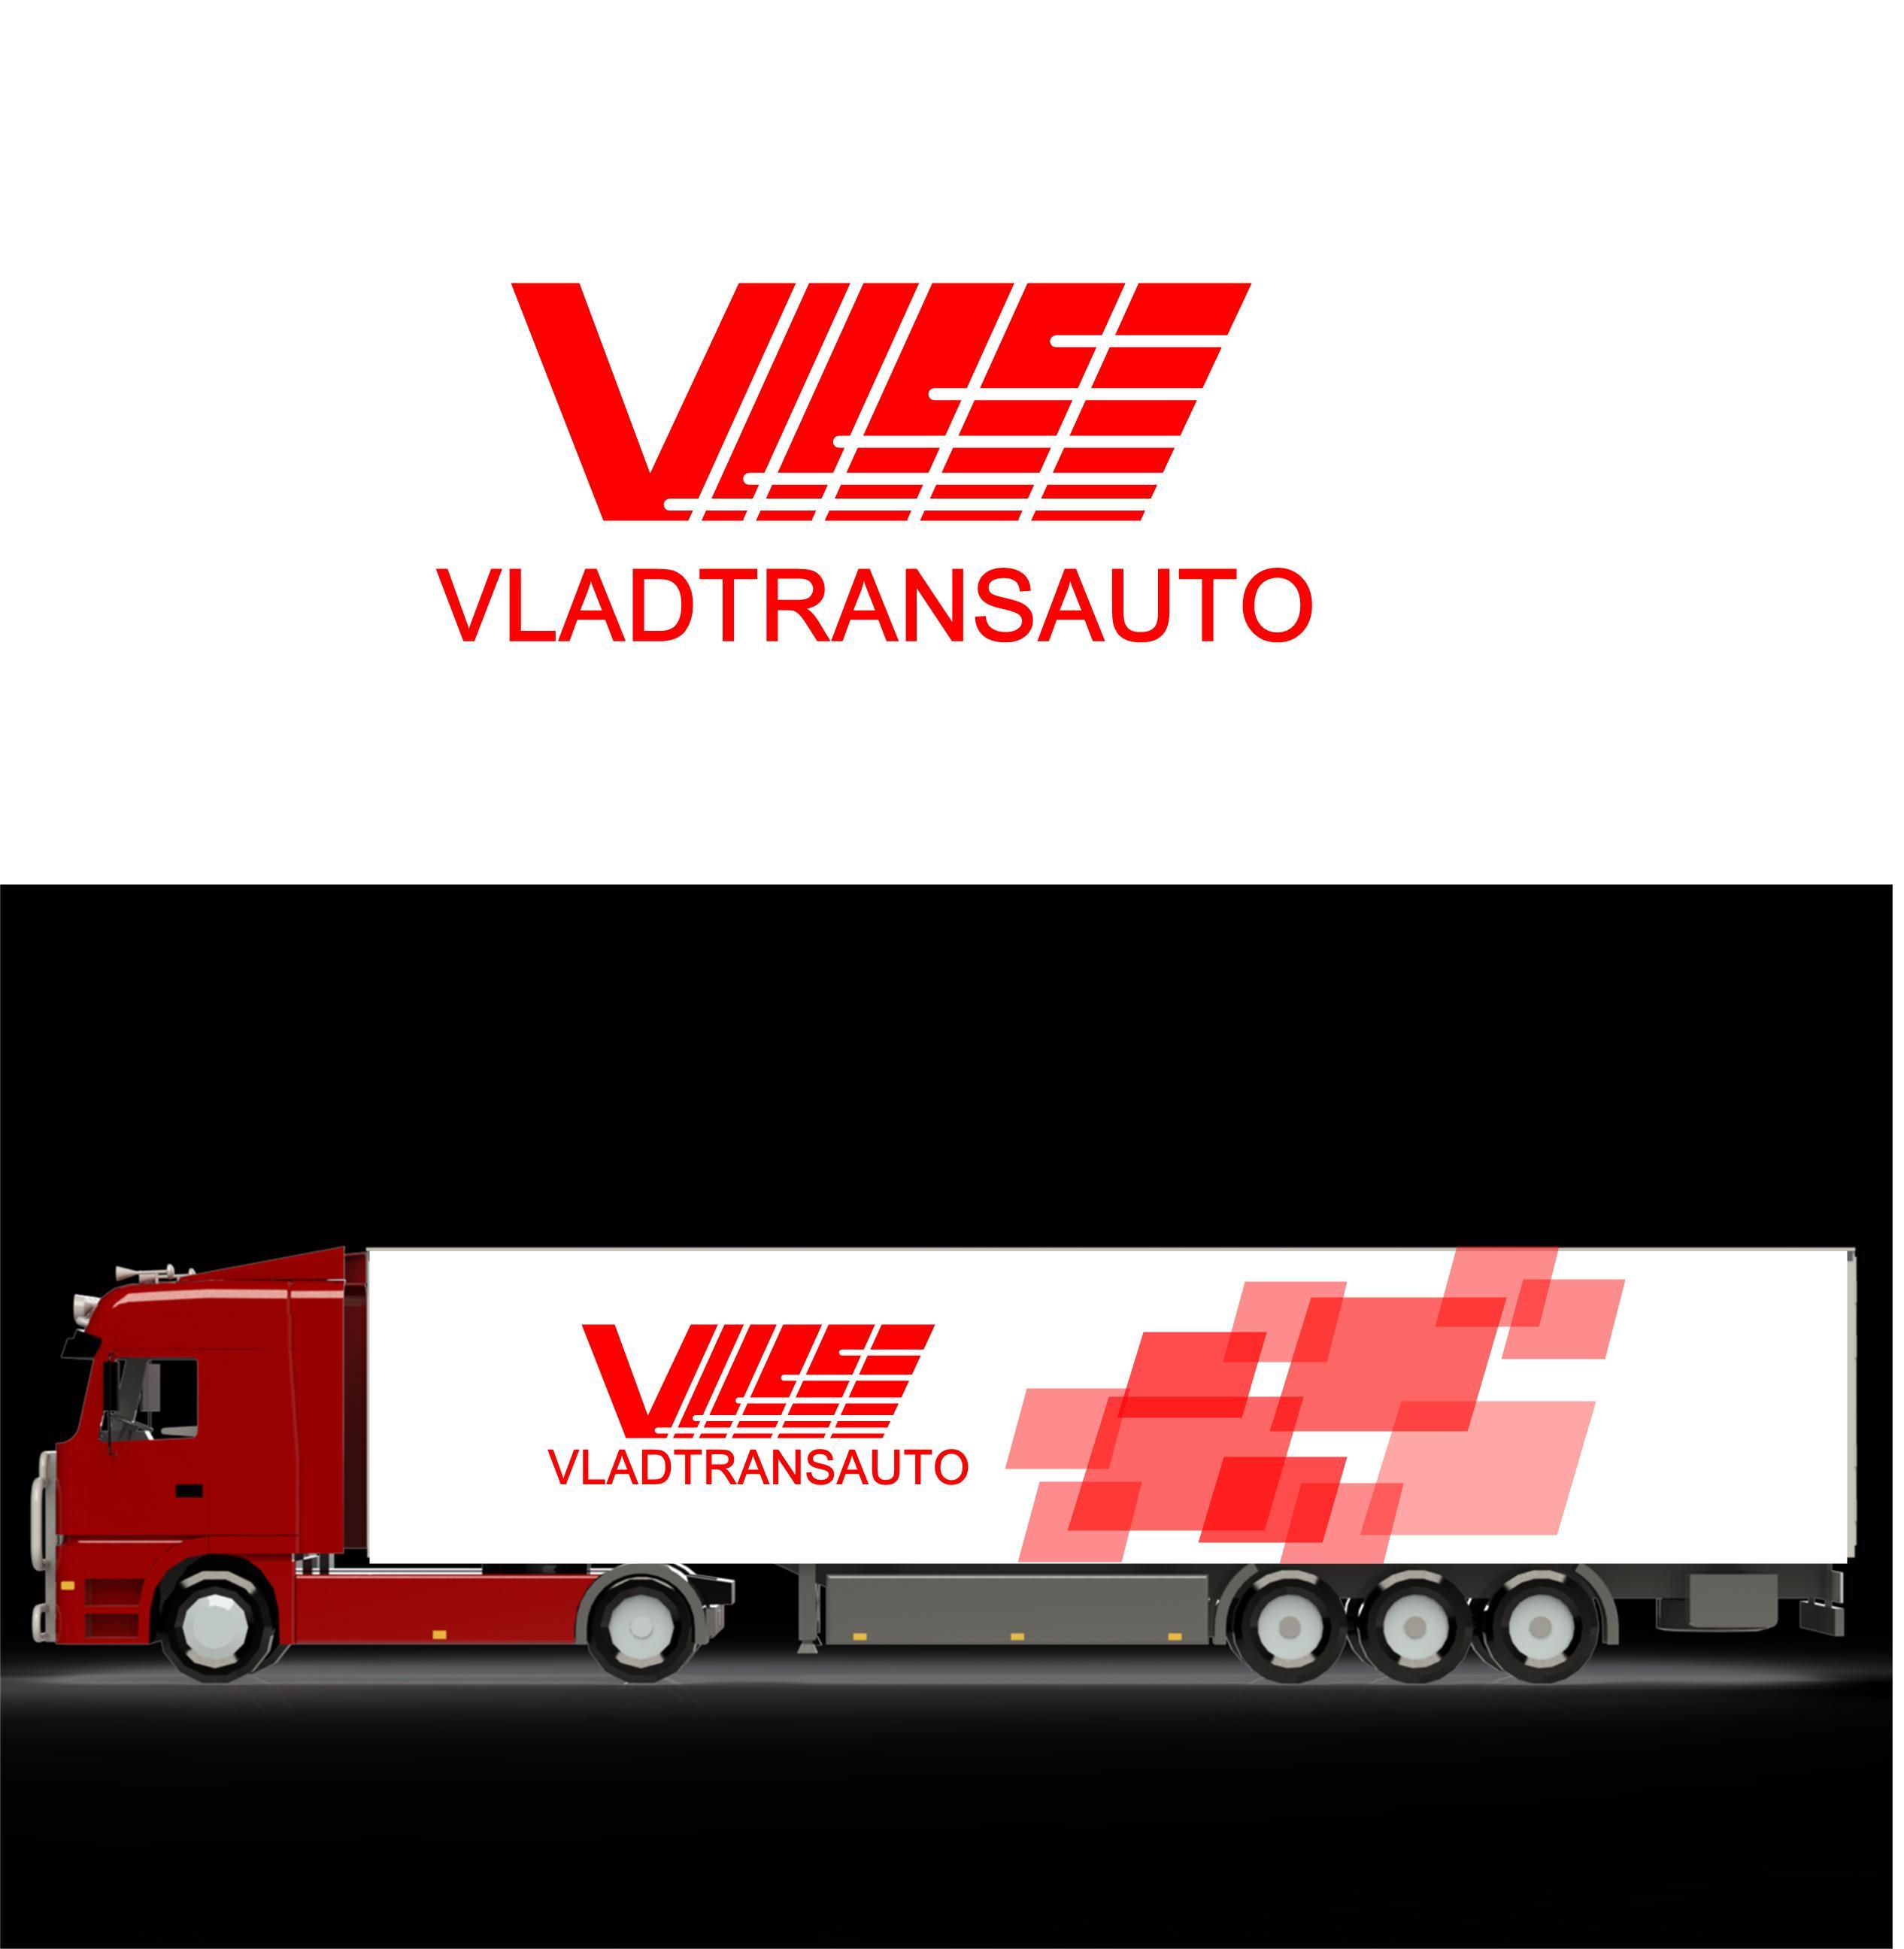 Логотип и фирменный стиль для транспортной компании Владтрансавто фото f_6465cdc4b6da780f.jpg